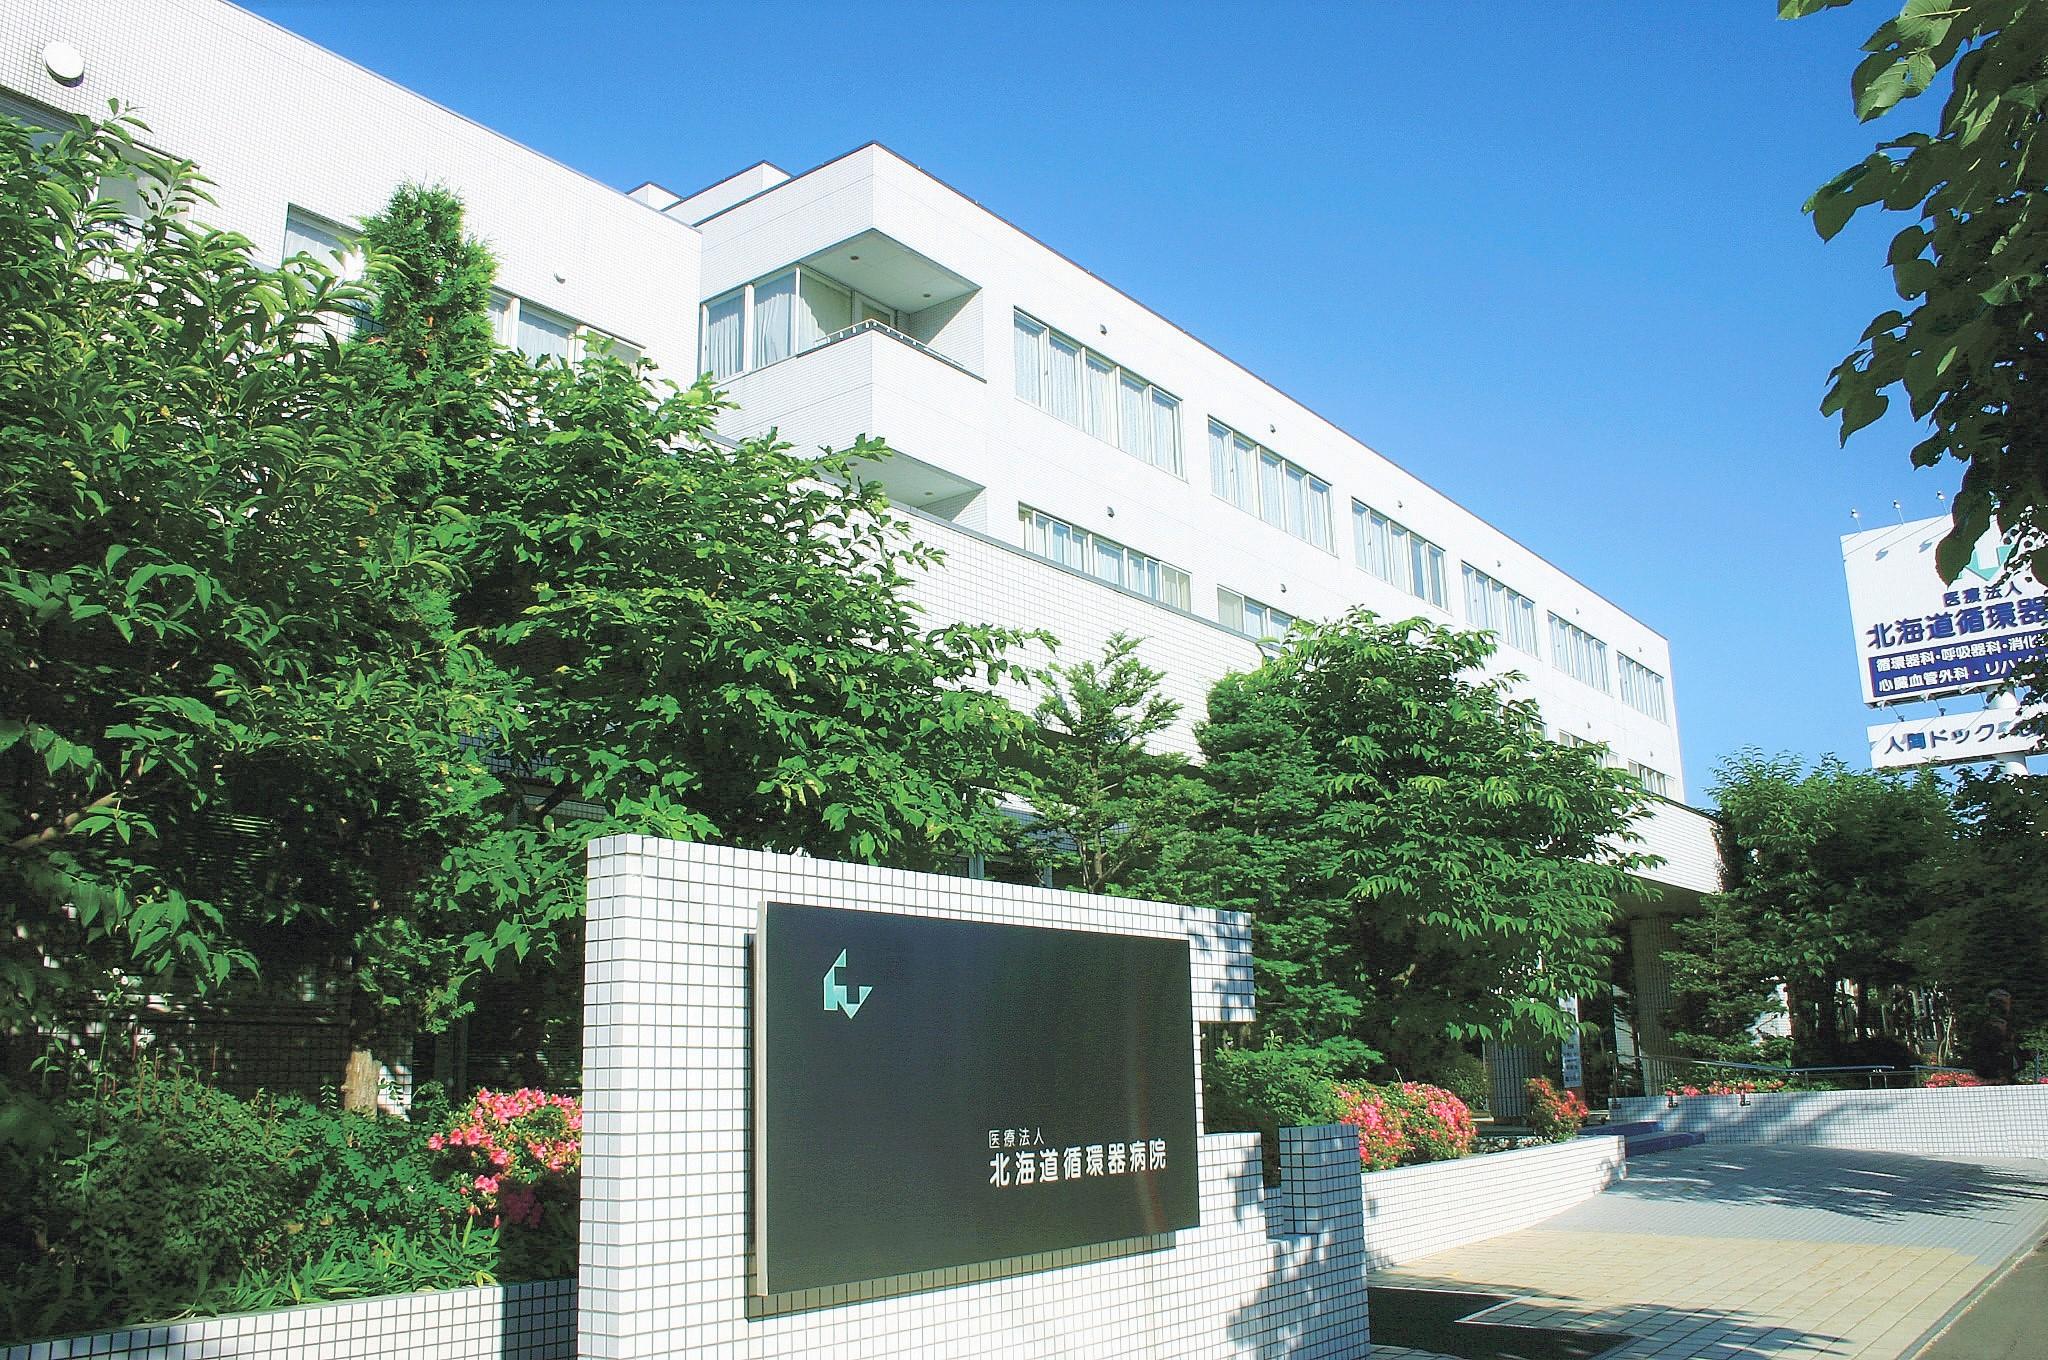 社会医療法人 北海道循環器科病院